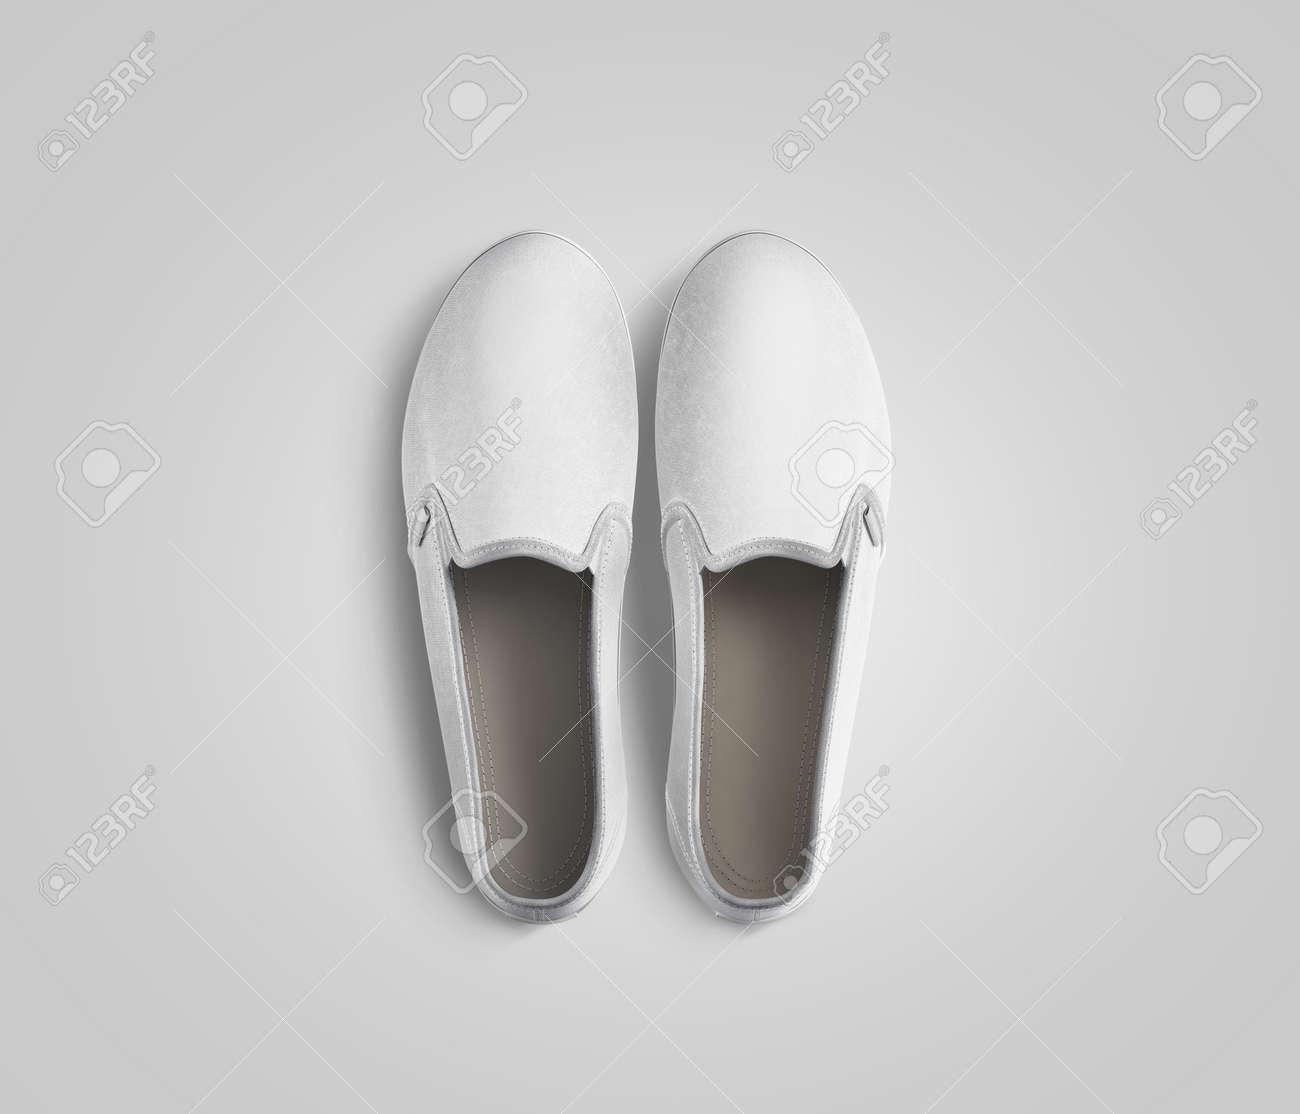 Leere Weiße Slip-on Schuhe Paar Design Mockup, Draufsicht, Clipping ...